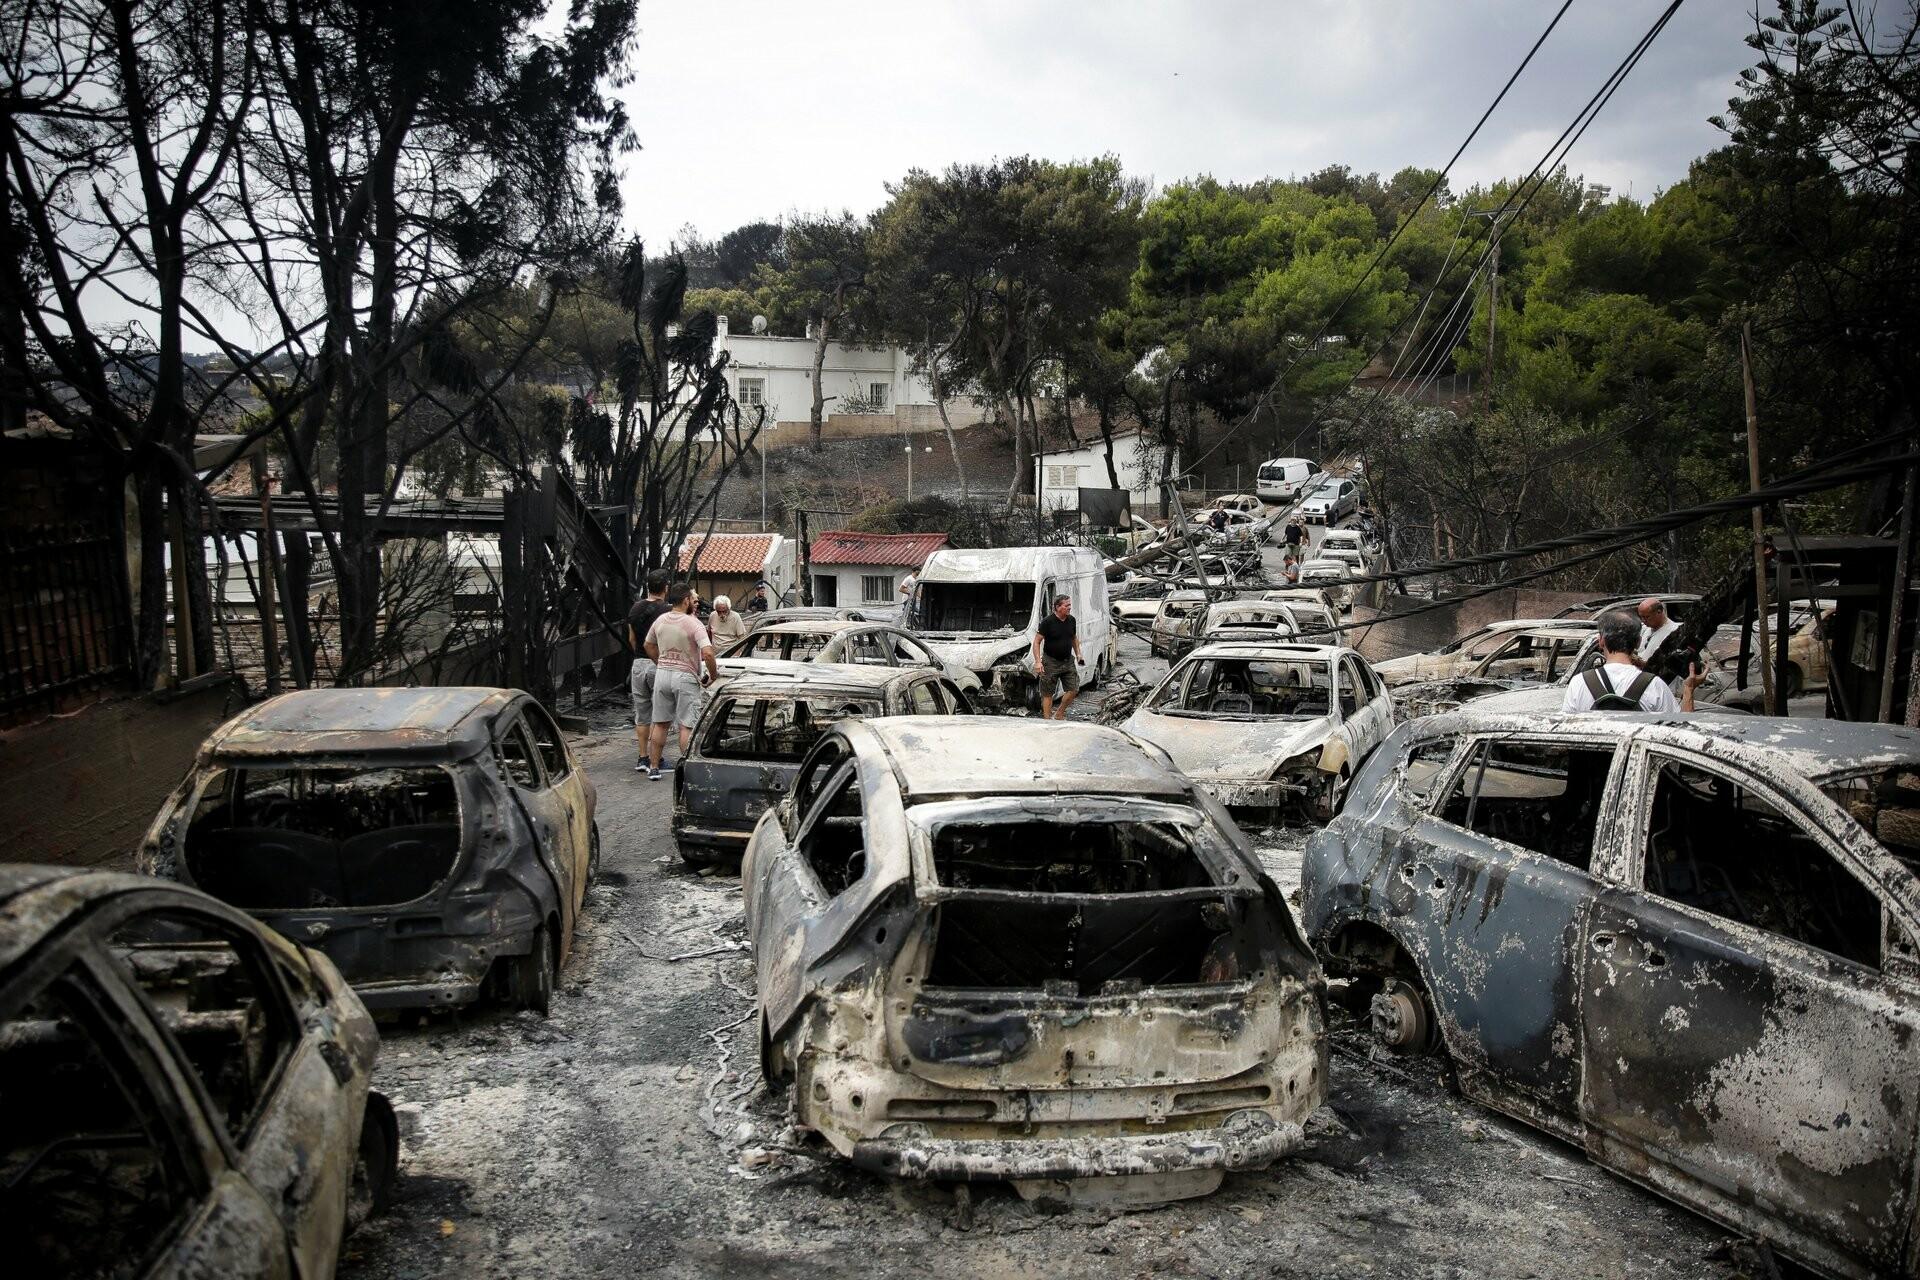 Φονική φωτιά Μάτι: «Η υπουργός αυτό μου είπε, μη γράψει για ευθύνες  ανωτέρων. Θα σε σκίσουμε» - Ηχητικά ντοκουμέντα | LiFO